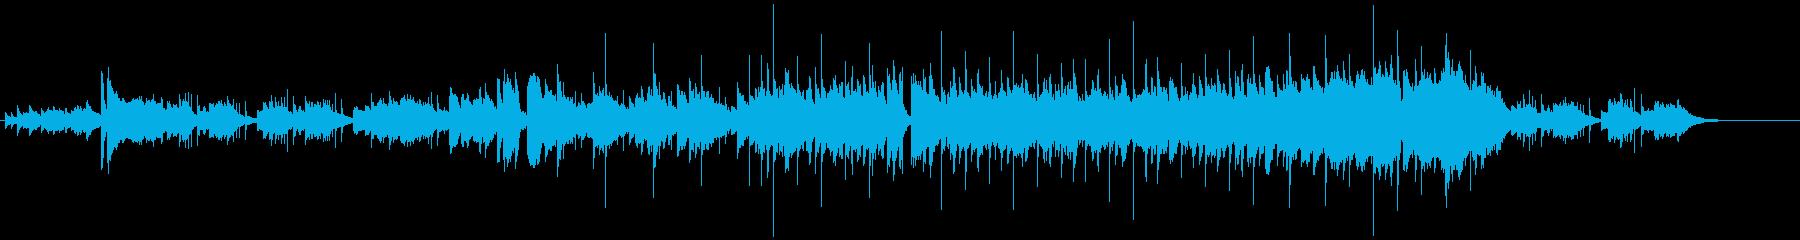 光沢のある滑らかなバラードの再生済みの波形